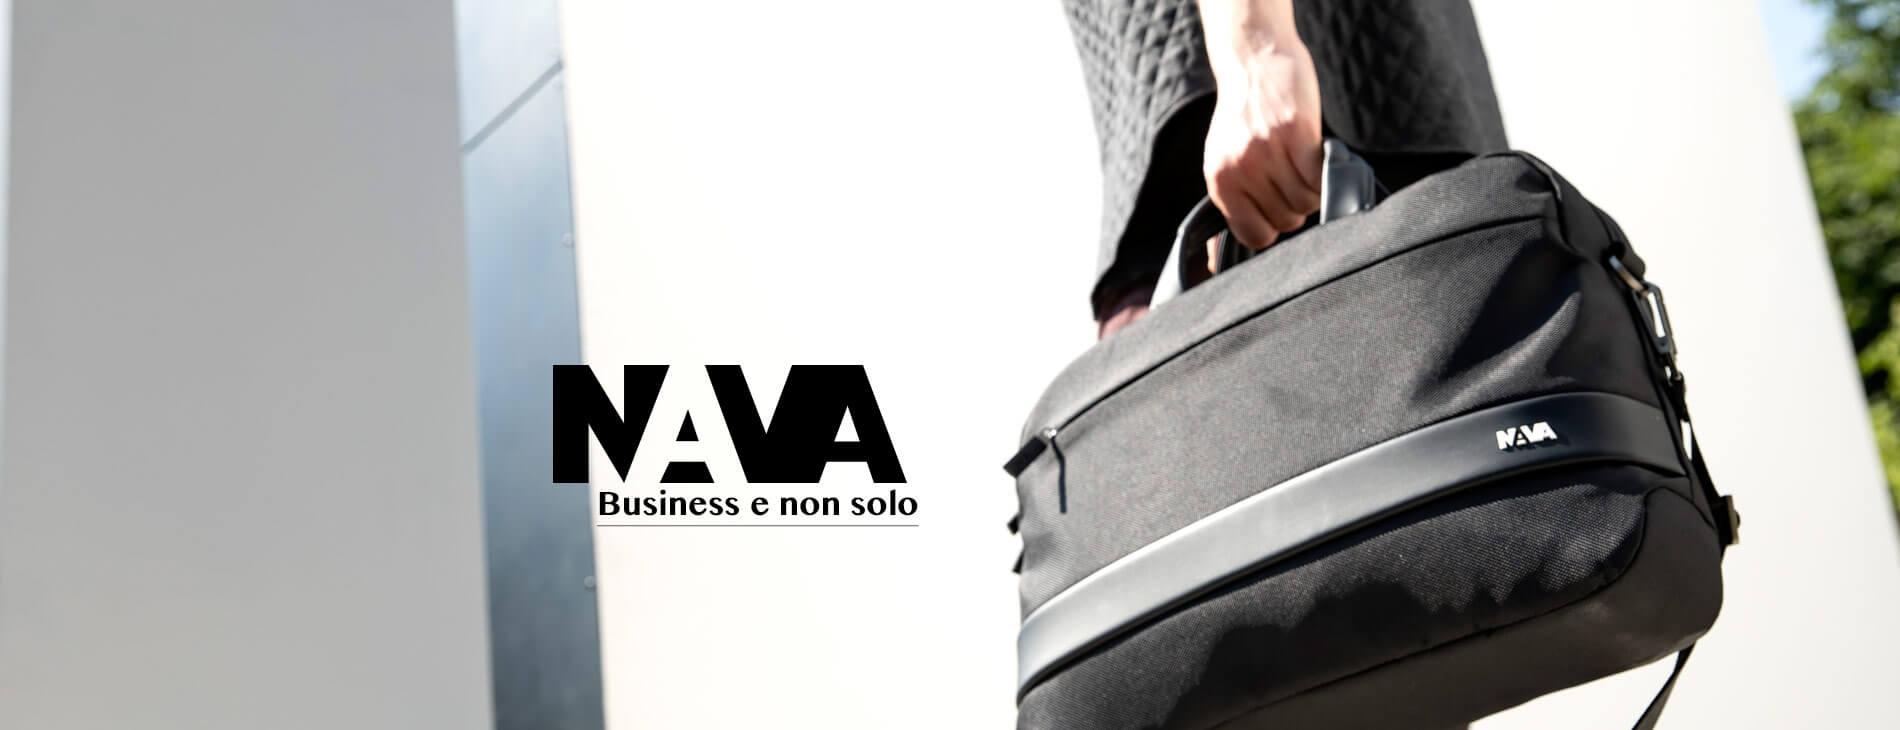 Nava Design zaini borse e accessori fa55ca7ec3a